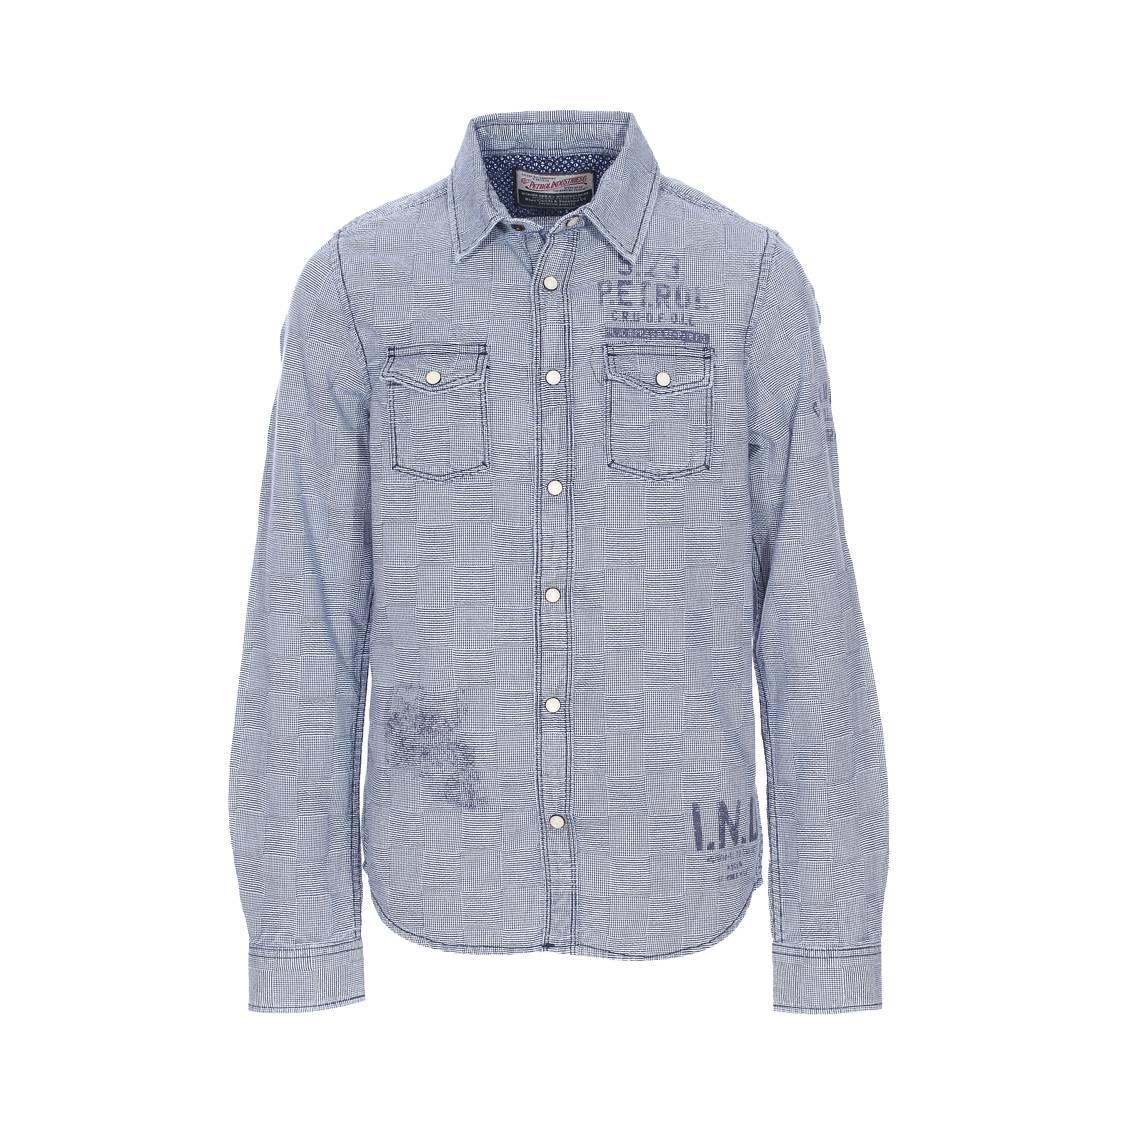 Chemise Petrol Industries Junior en coton bleu marine à mini damiers blancs